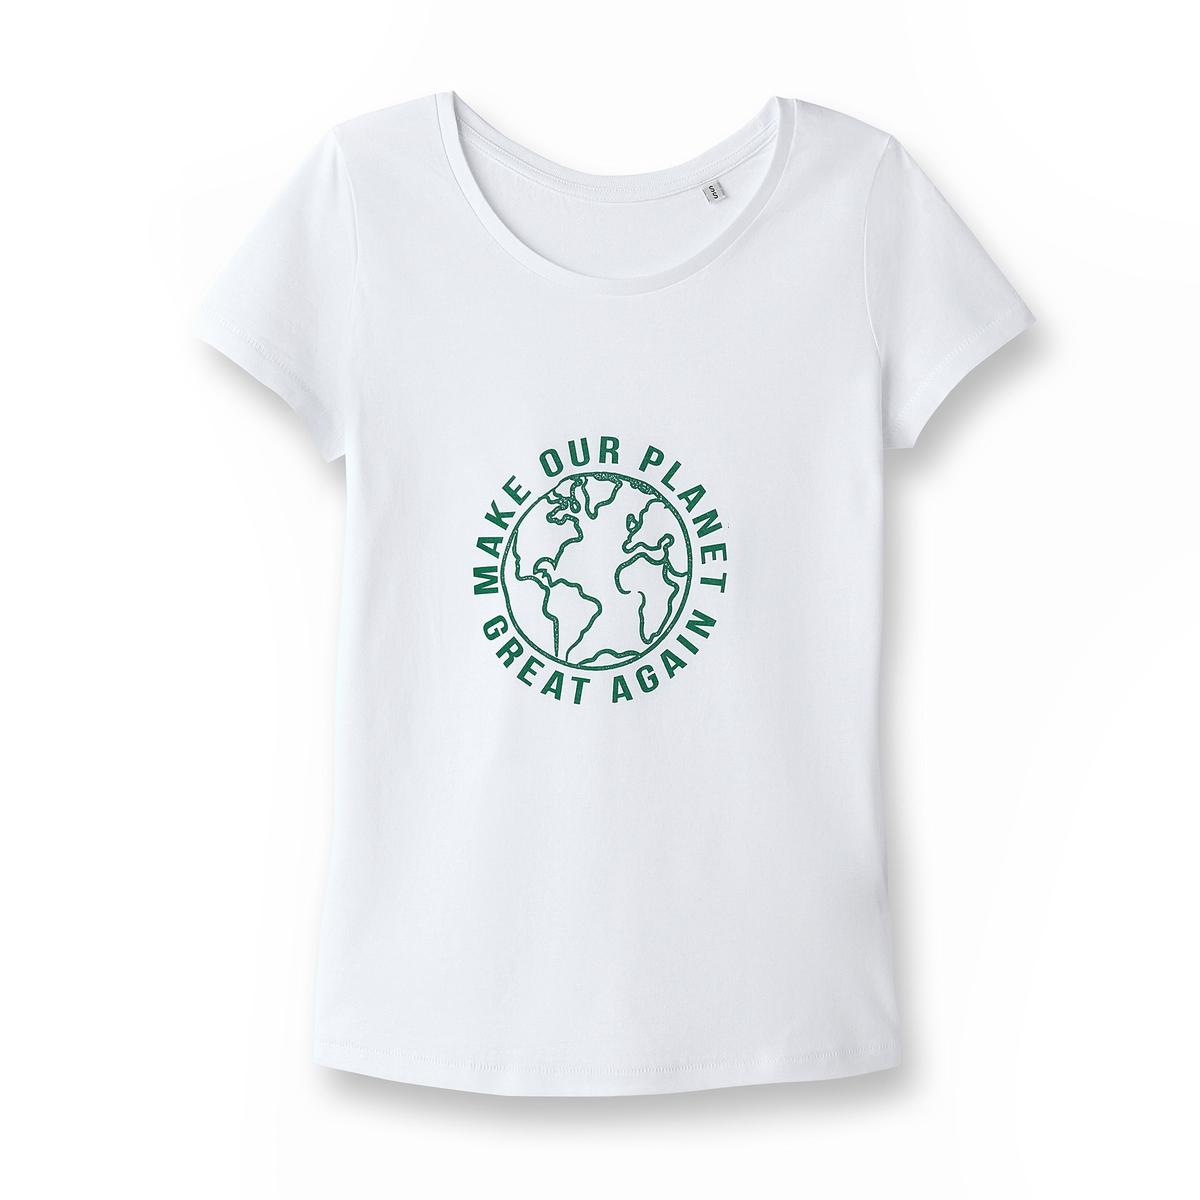 Футболка из биохлопкаЗа каждую проданную футболку, La Redoute перечисляет 1€ Envol'Vert..Также собранная сумма позволит участвовать в проекте озеленения леса в Колумбии. .                          Более подробно : http://envol-vert.org/projets/restauration-forestiere-et-noyer-maya/                 Состав и описаниеМатериал:100% био-хлопокМарка: La Redoute Collections совместно с Envol'Vert             Уход:             Стирать при 30° с изделиями схожих цветов             Отбеливание запрещено             Гладить при умеренной температуре             Сухая (химическая) чистка запрещена             Машинная сушка запрещена                          Преимущества : Био-продукт.             Выращенный без использования пестицидов и химических удобрений био-хлопок изготовлен с заботой о почве, воде и людях, возделывающих его.             Мы заботимся о сохранении окружающей среды и здоровья людей.<br><br>Цвет: белый,серый меланж<br>Размер: L.S.L.M.S.M